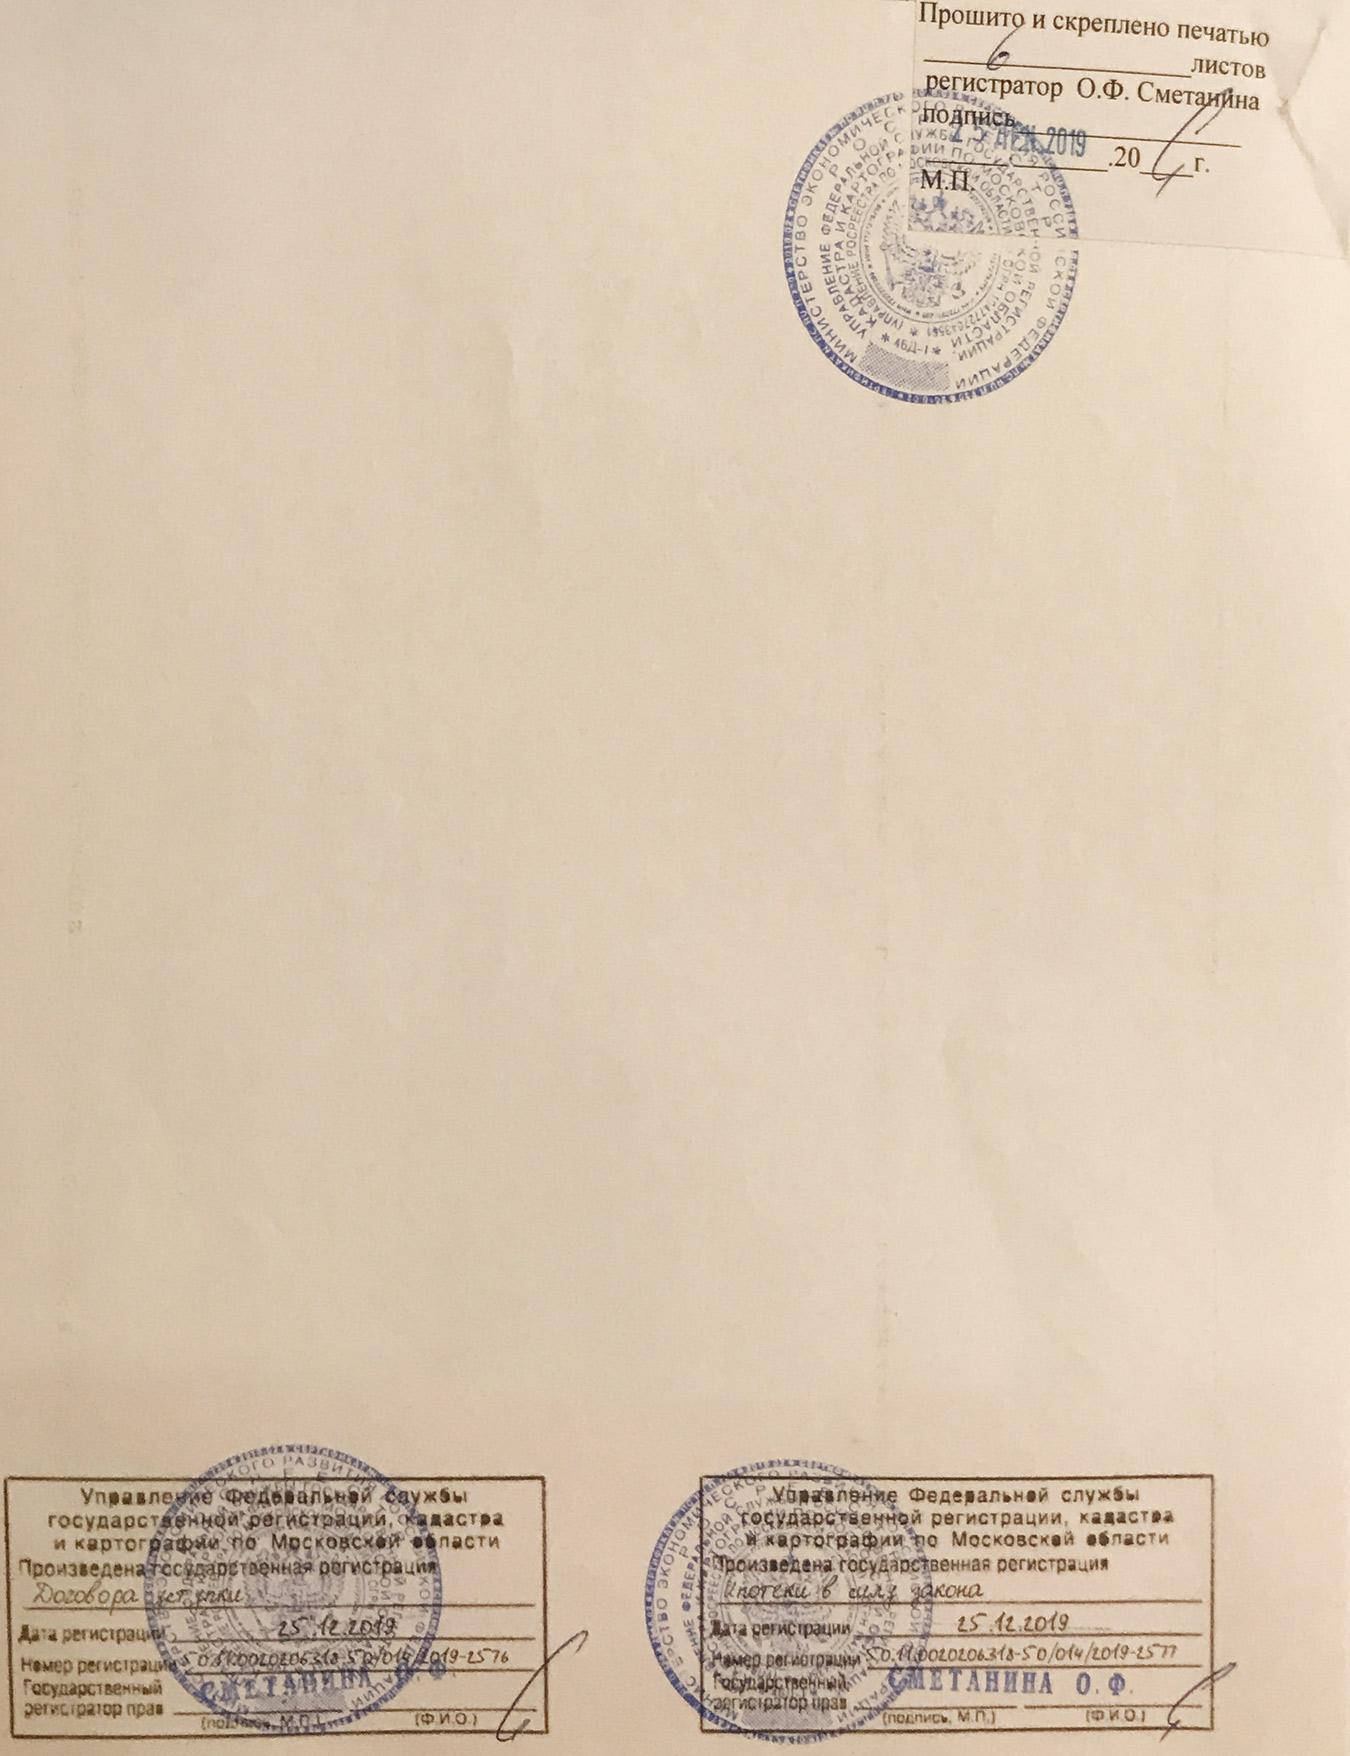 Так выглядит последняя страница договора переуступки. Когда договор зарегистрировали в Росреестре, его дополнительно прошили